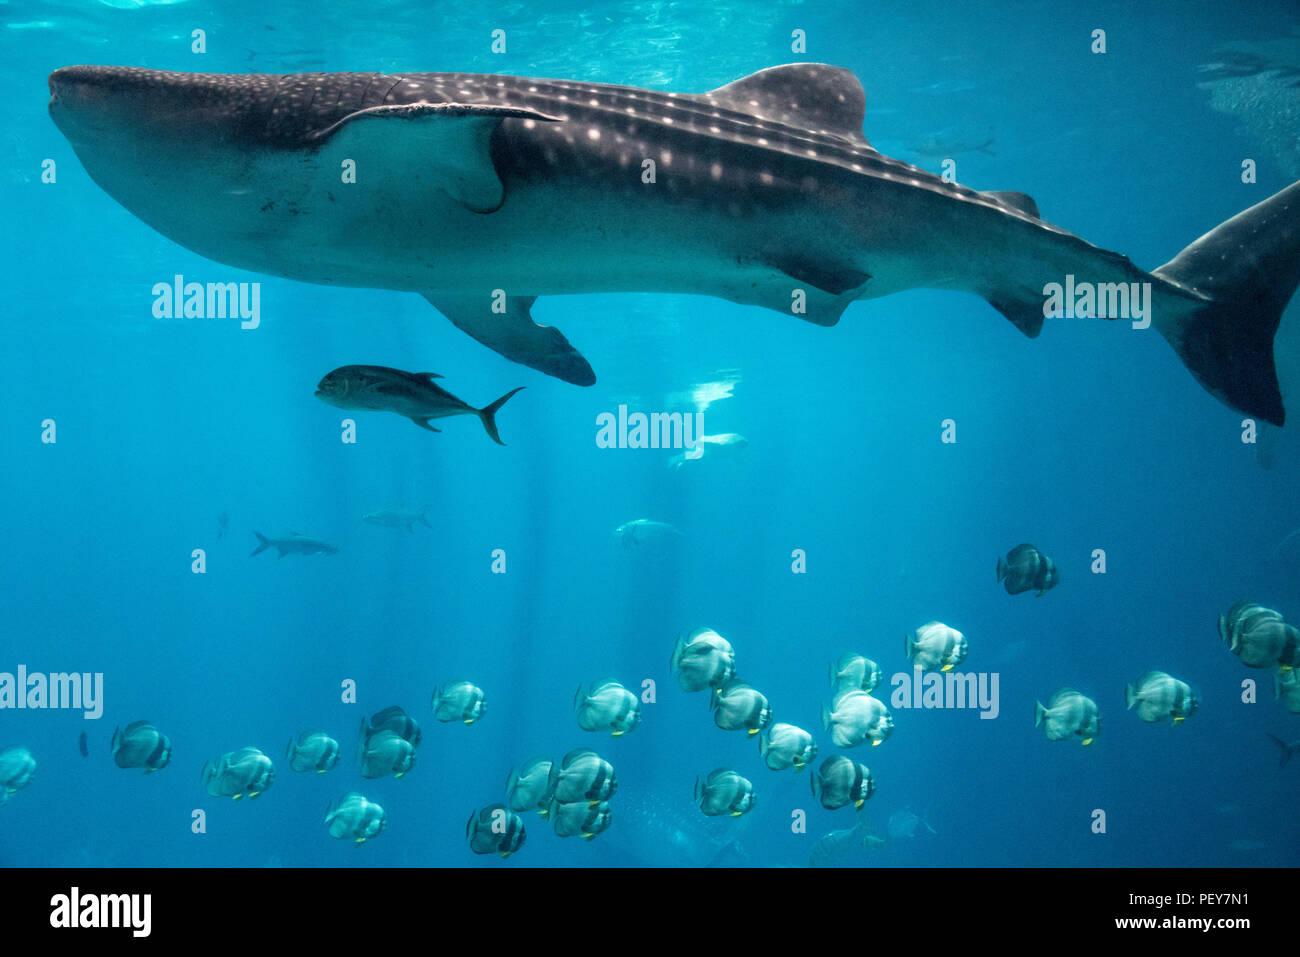 Requin baleine massif dans l'océan Voyager réservoir (contenant 6,3 millions de gallons américains d'eau) à l'Aquarium de Géorgie à Atlanta, Géorgie. (USA) Photo Stock